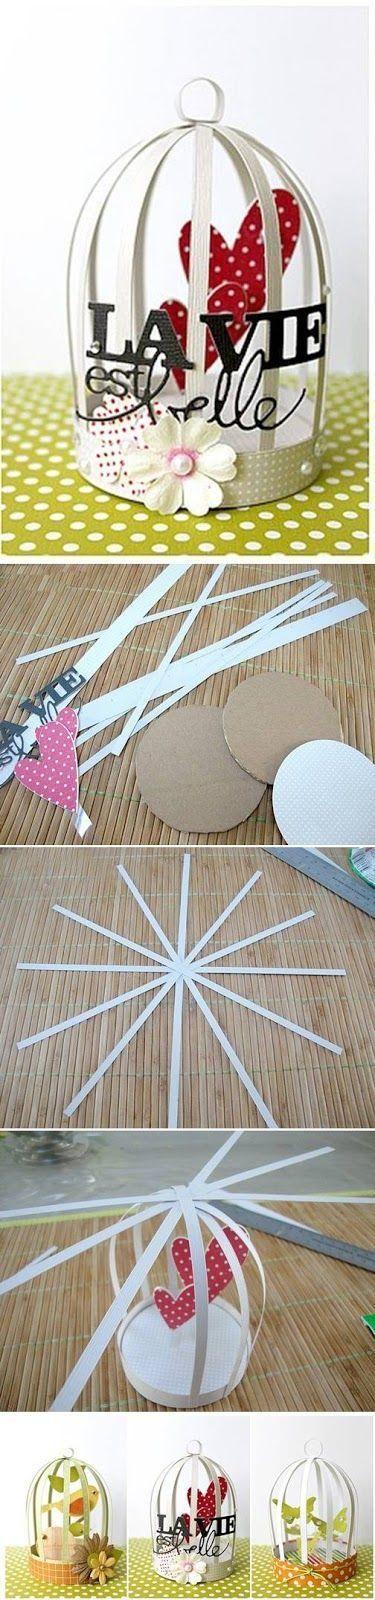 gaiola - faça vc mesma - decoração para chá de cozinha